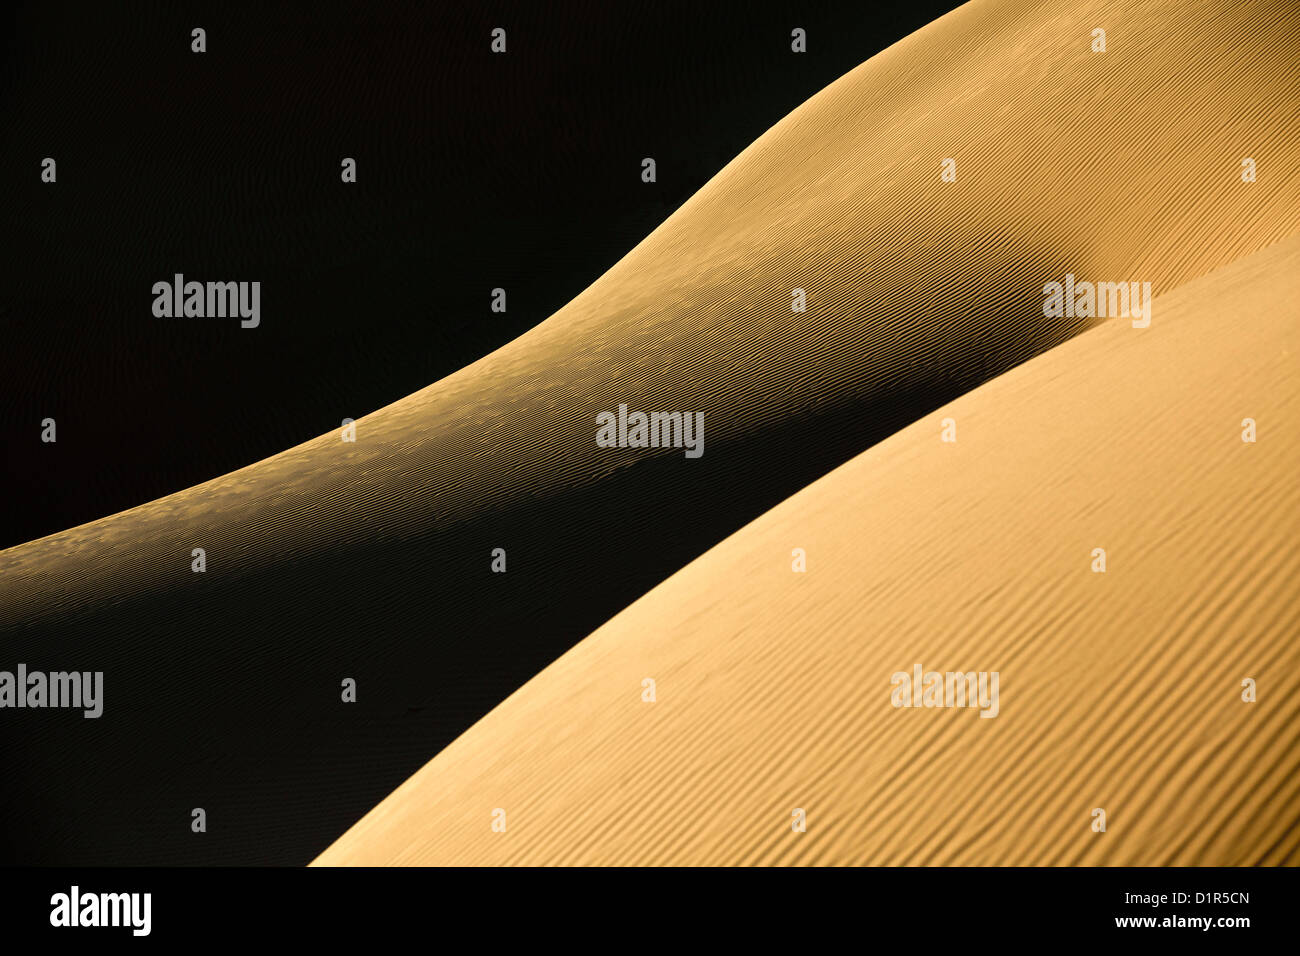 Il Marocco, M'Hamid, Erg Chigaga dune di sabbia. Deserto del Sahara. Dettaglio ripple marks. Immagini Stock